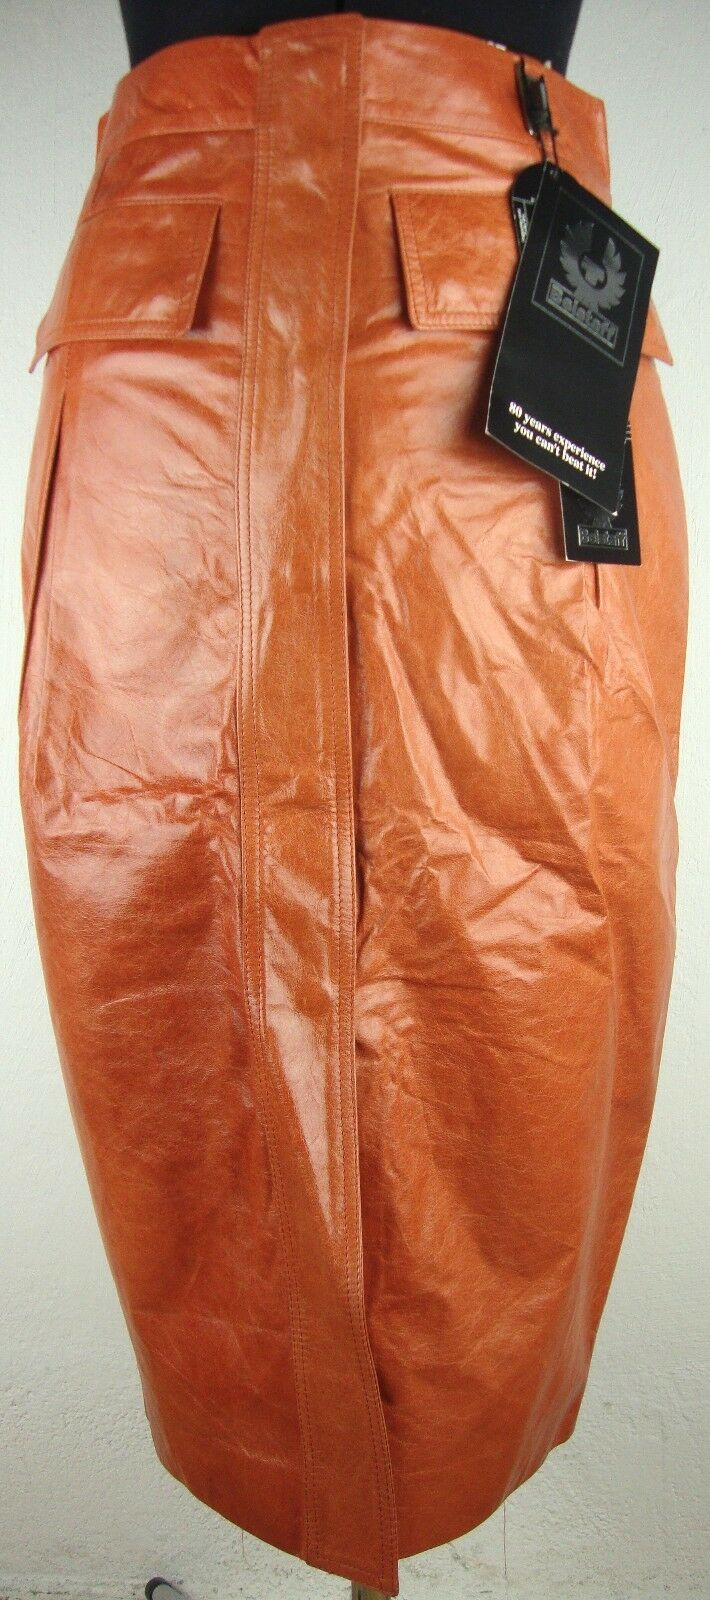 BELSTAFF Archel kjol Lady läder Ladies läder Skift orange Storlek 36 Ny med etiketter